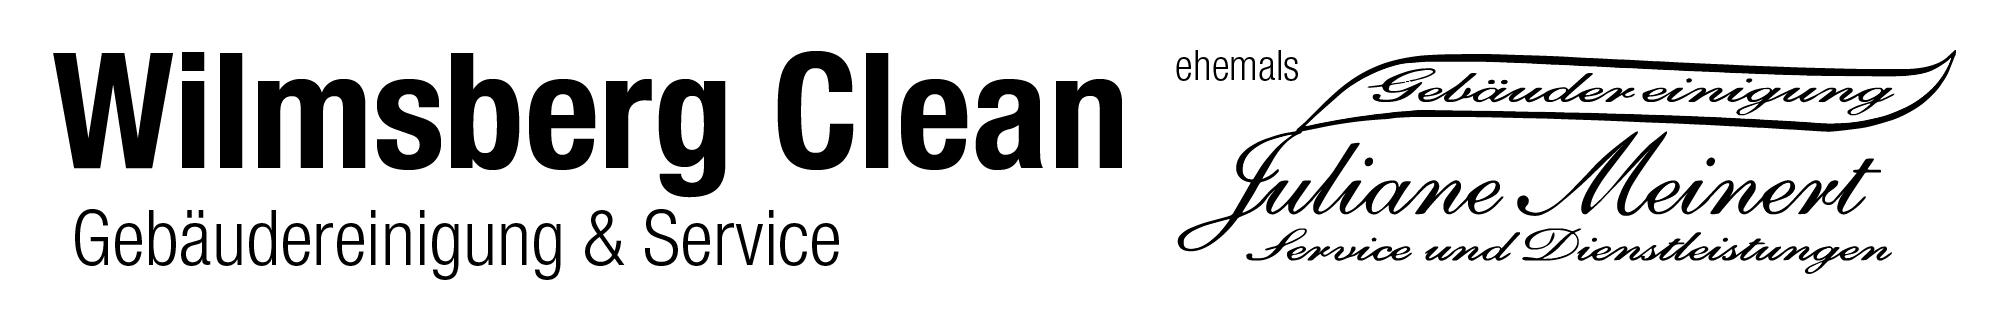 logo-clean-meinert-01.jpg